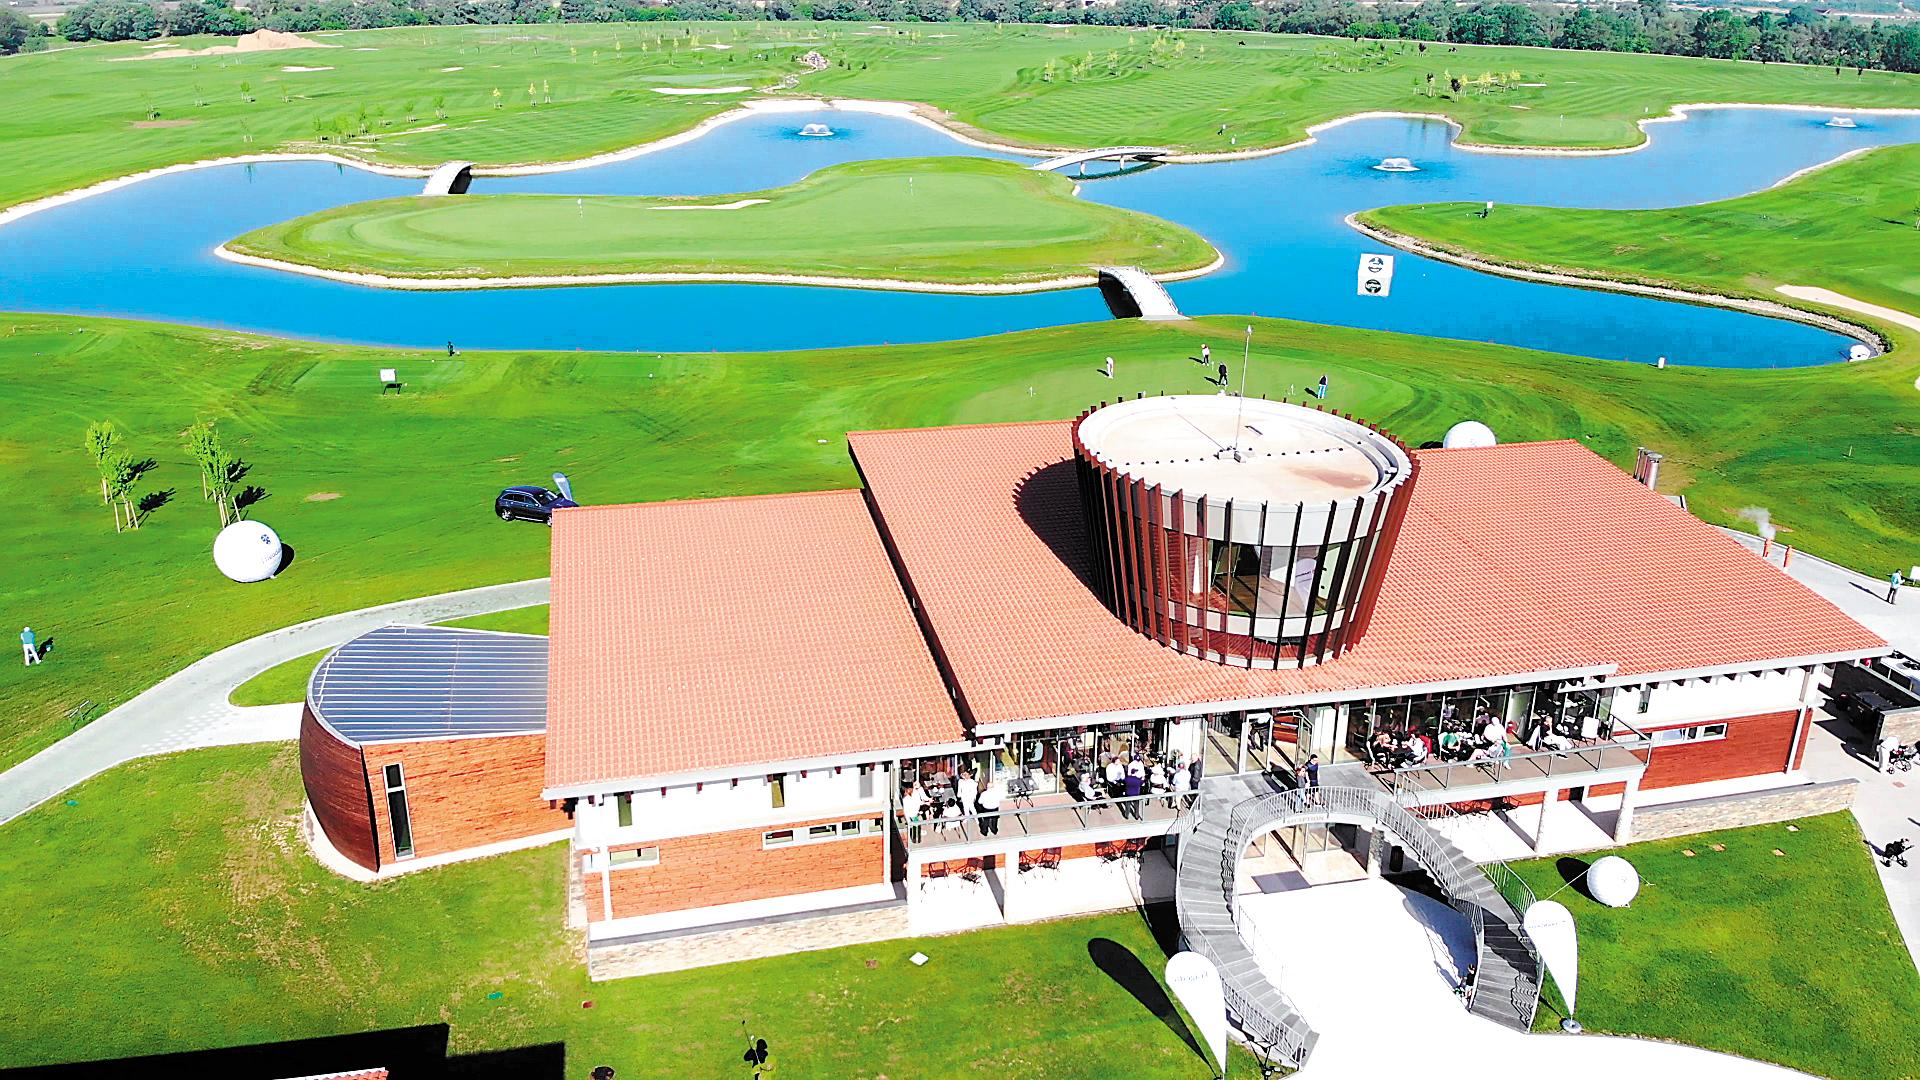 Cum arată primul an al clubului de golf deschis de proprietarul Transavia: Până în noiembrie, resortul este rezervat complet în weekenduri